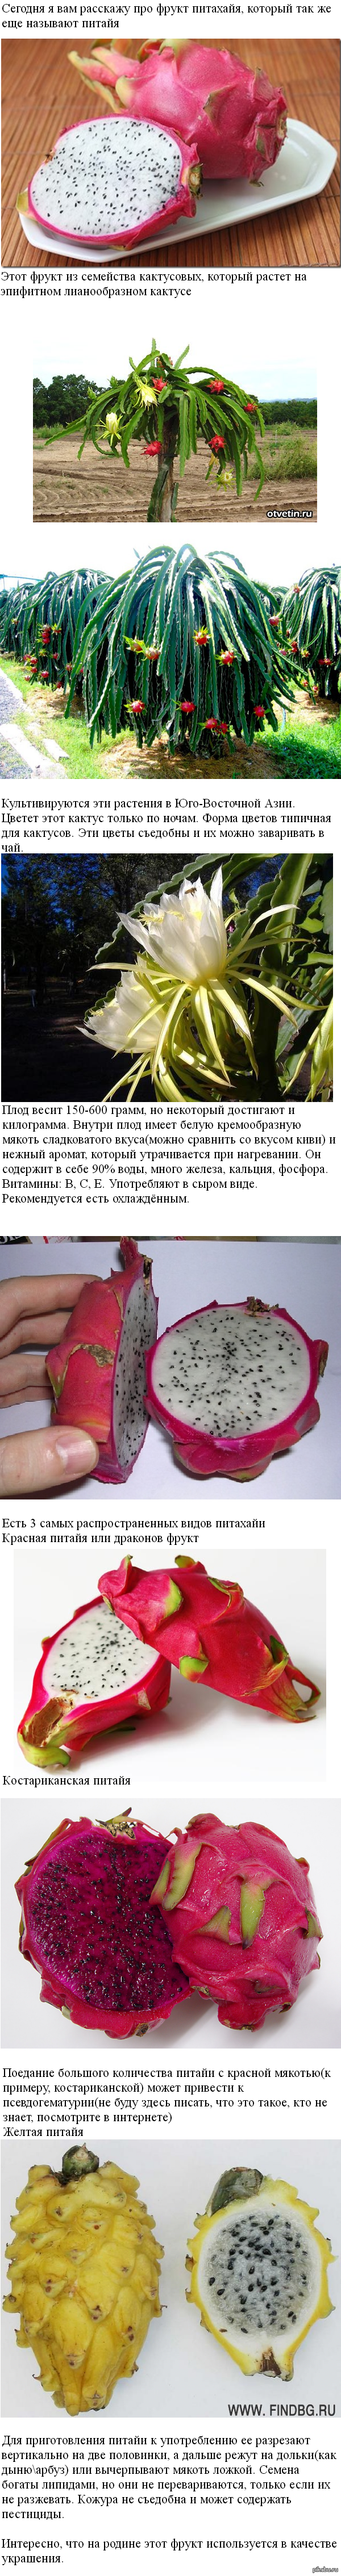 Питахайя или Драконье сердце экзотический фрукт 1410607472_562685349